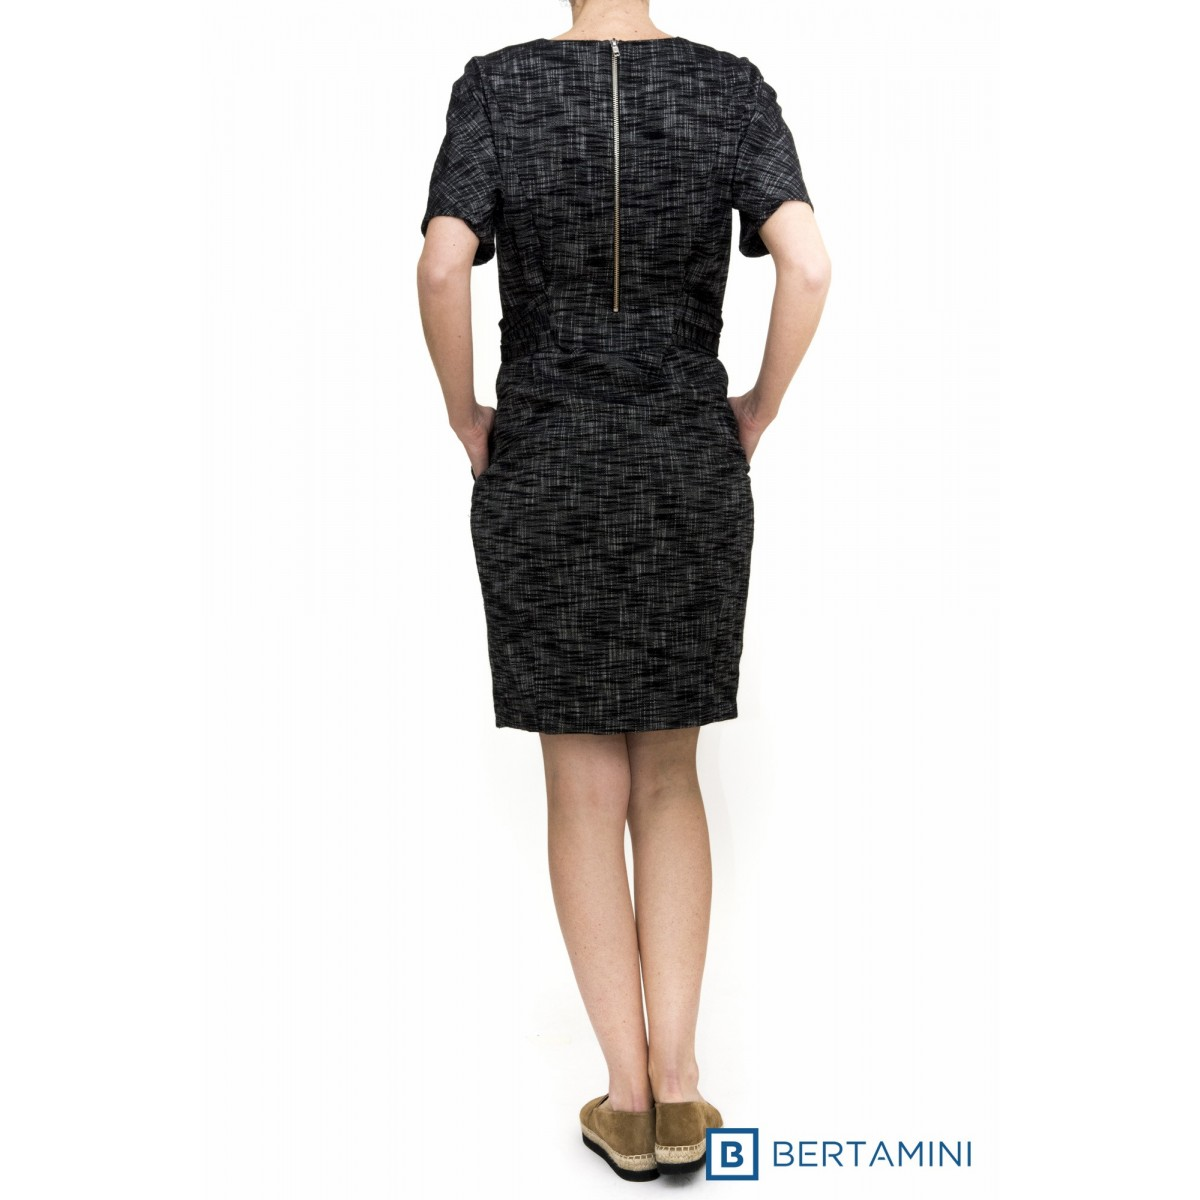 Abito lungo donna Erika cavallini - semicouture - 054 abito fiocco